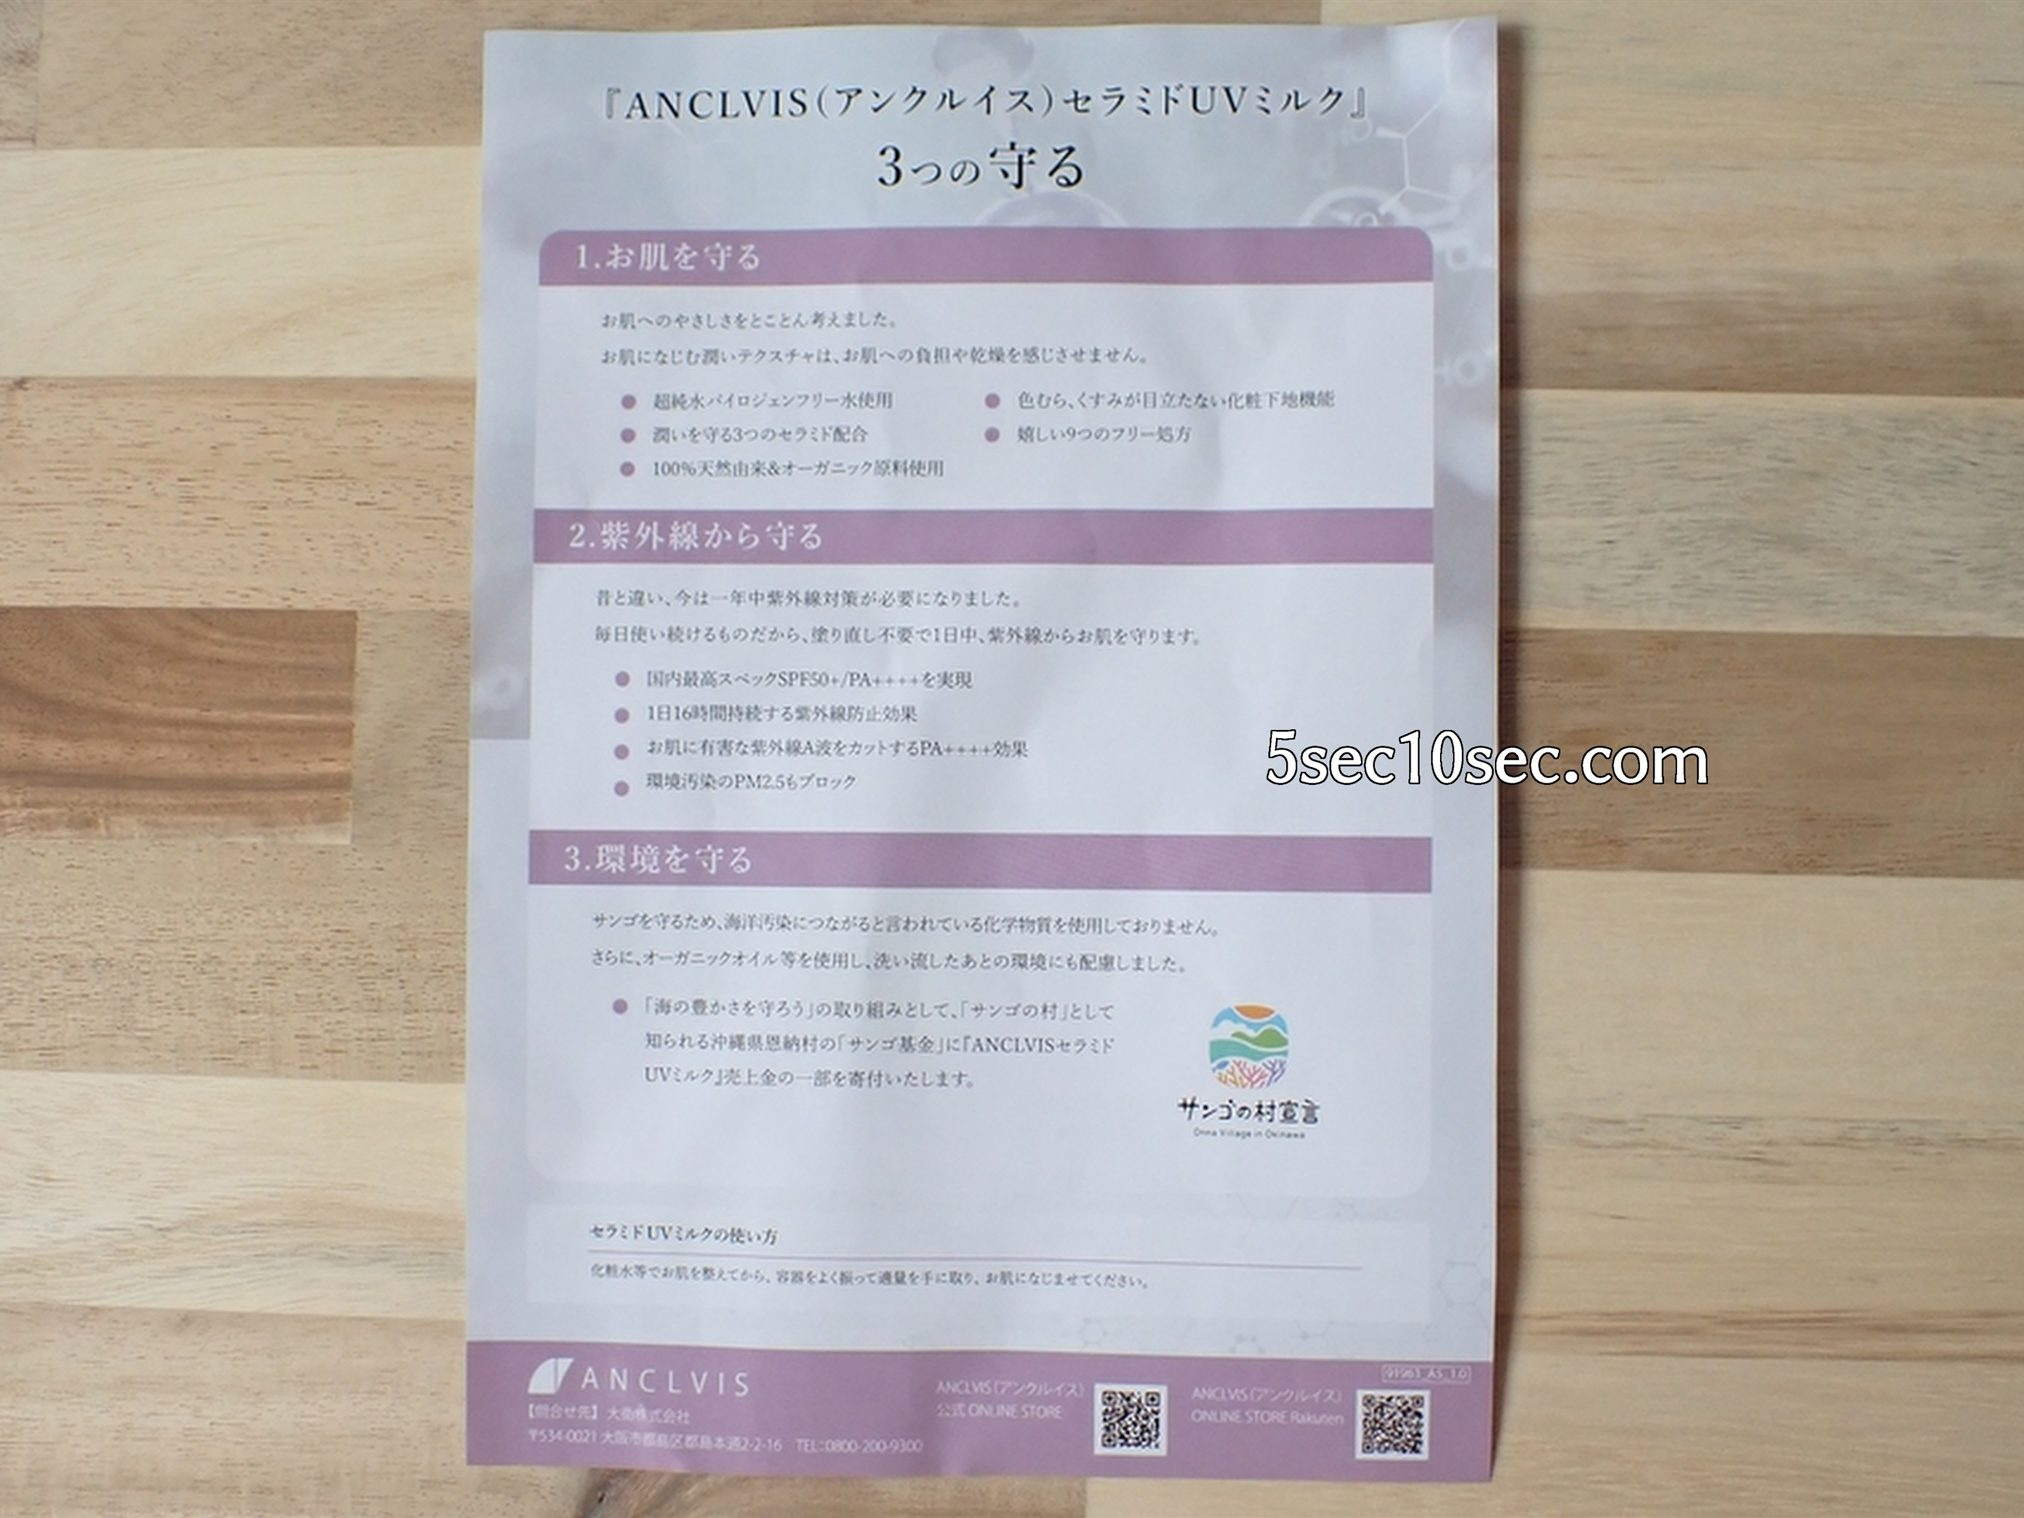 大衛株式会社 ANCLVIS アンクルイス 税込み500円のUVセラミドトライアル セラミドUVミルク 肌にも環境にも優しく使える日焼け止め